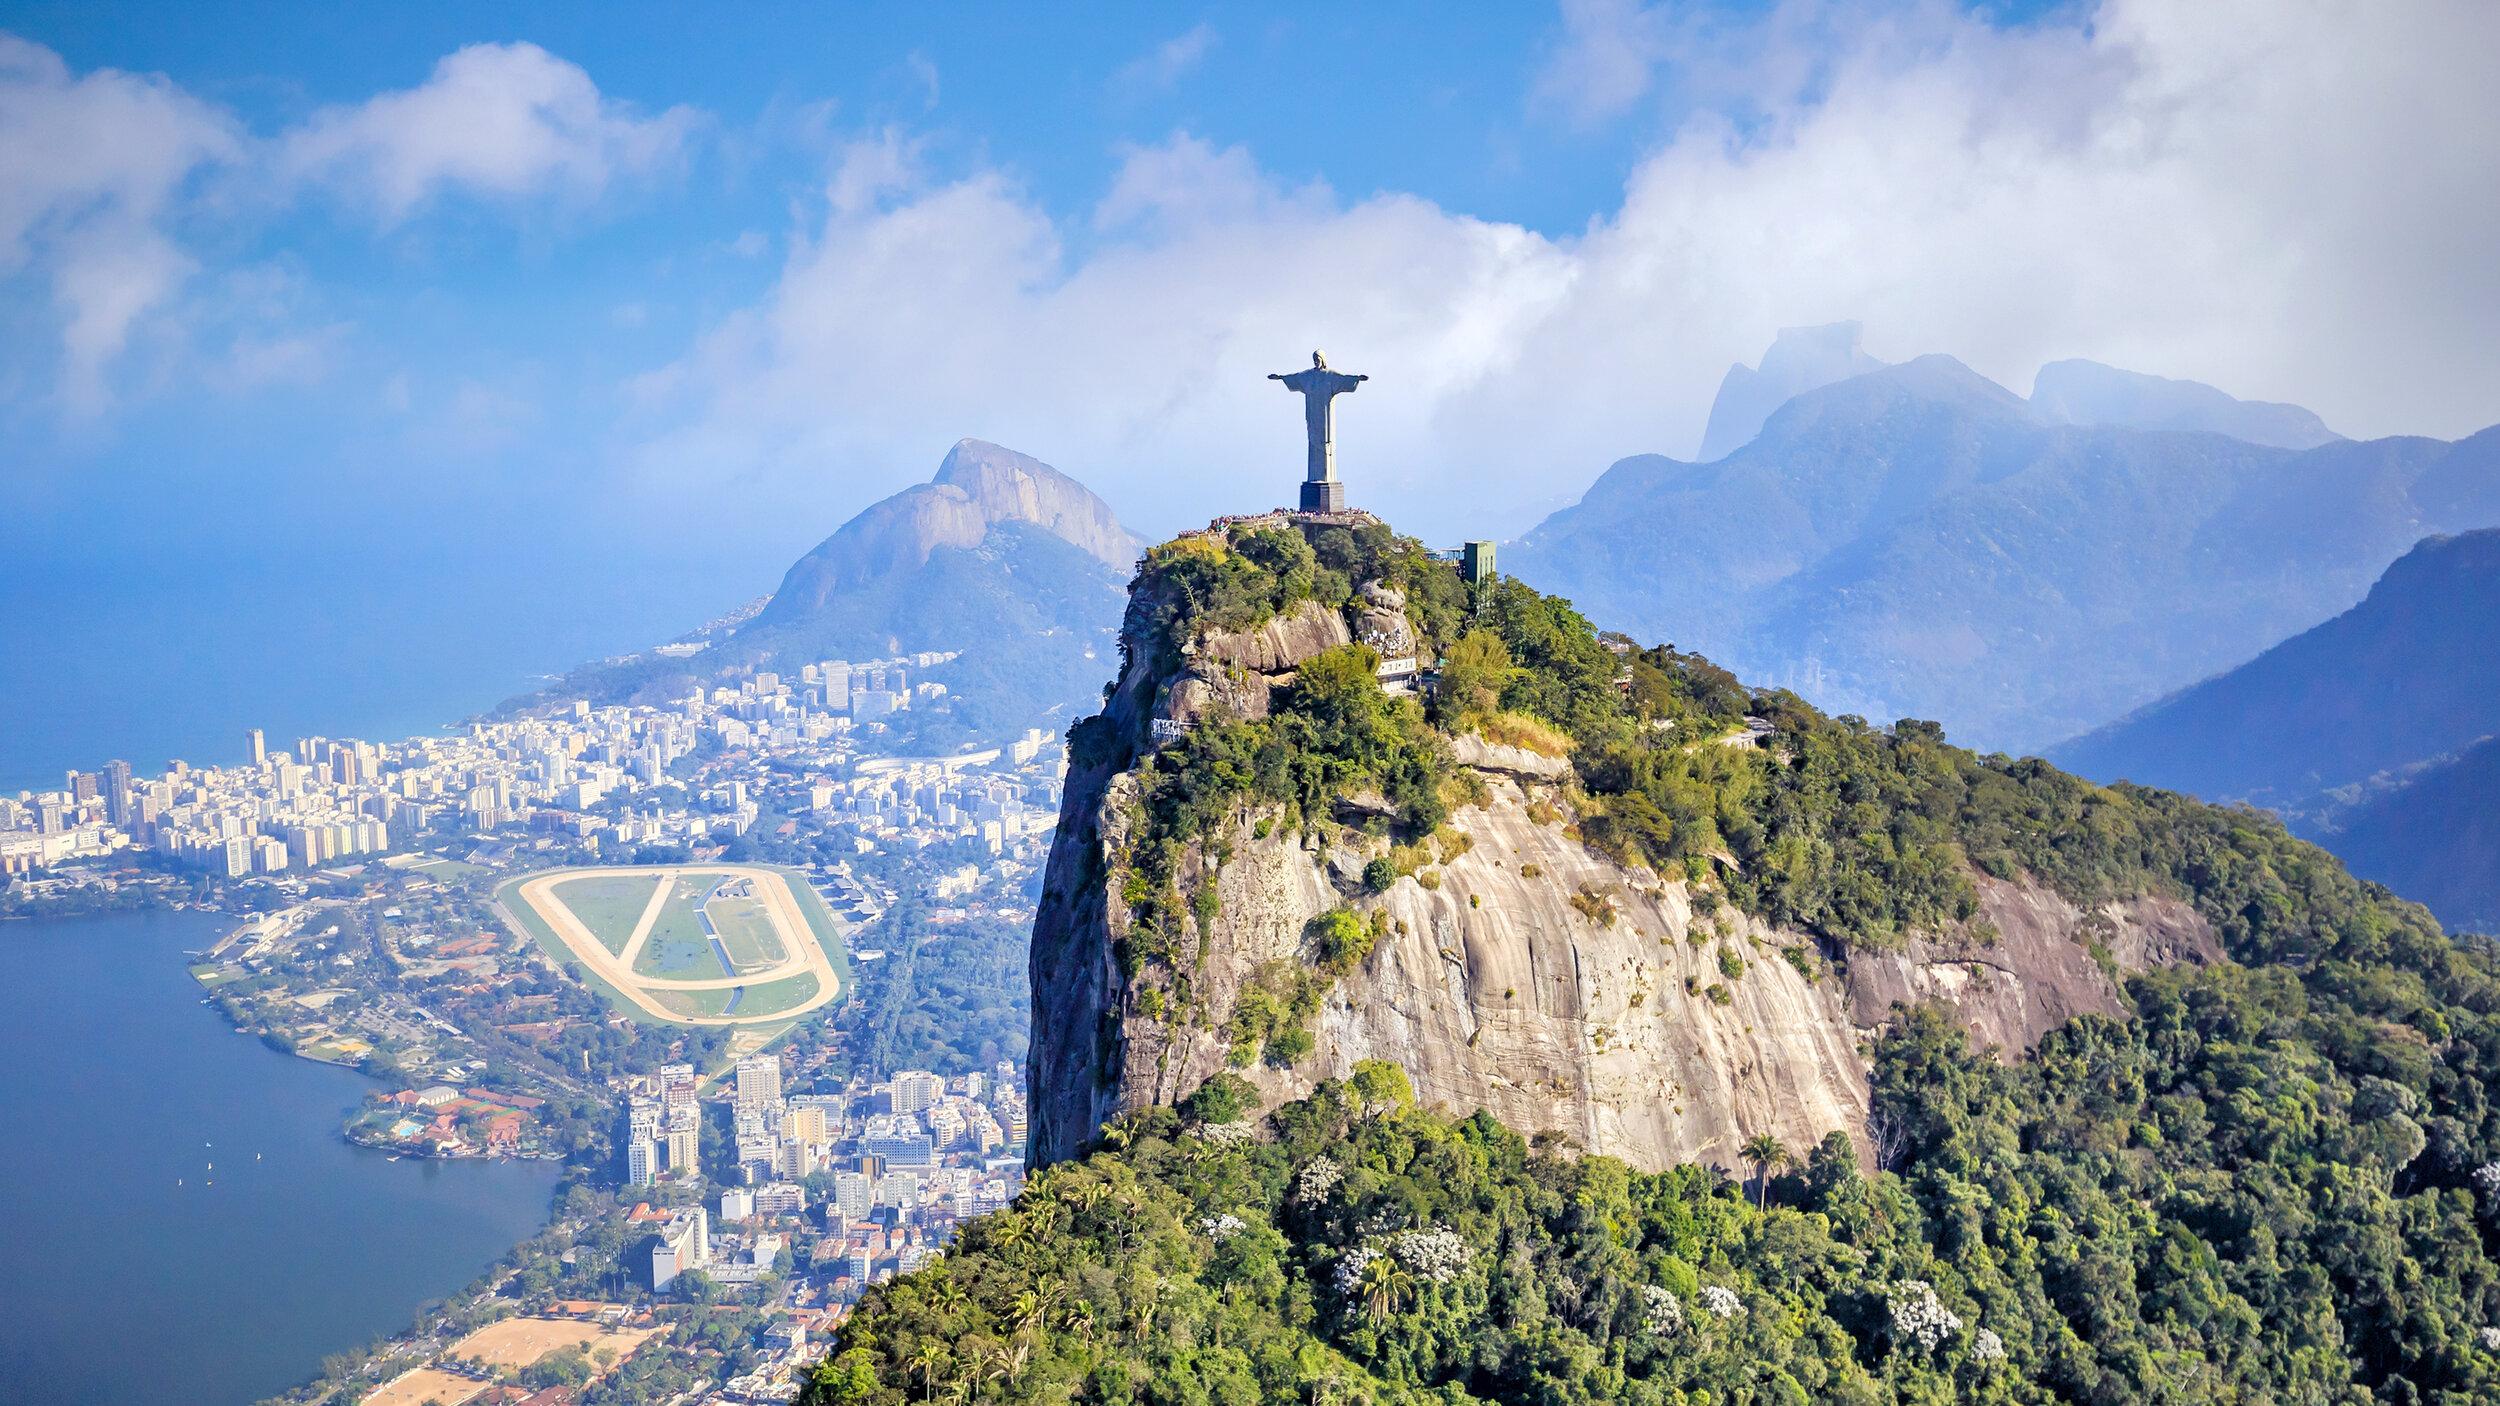 Aerial view of Rio de Janeiro city skyline in Brazil